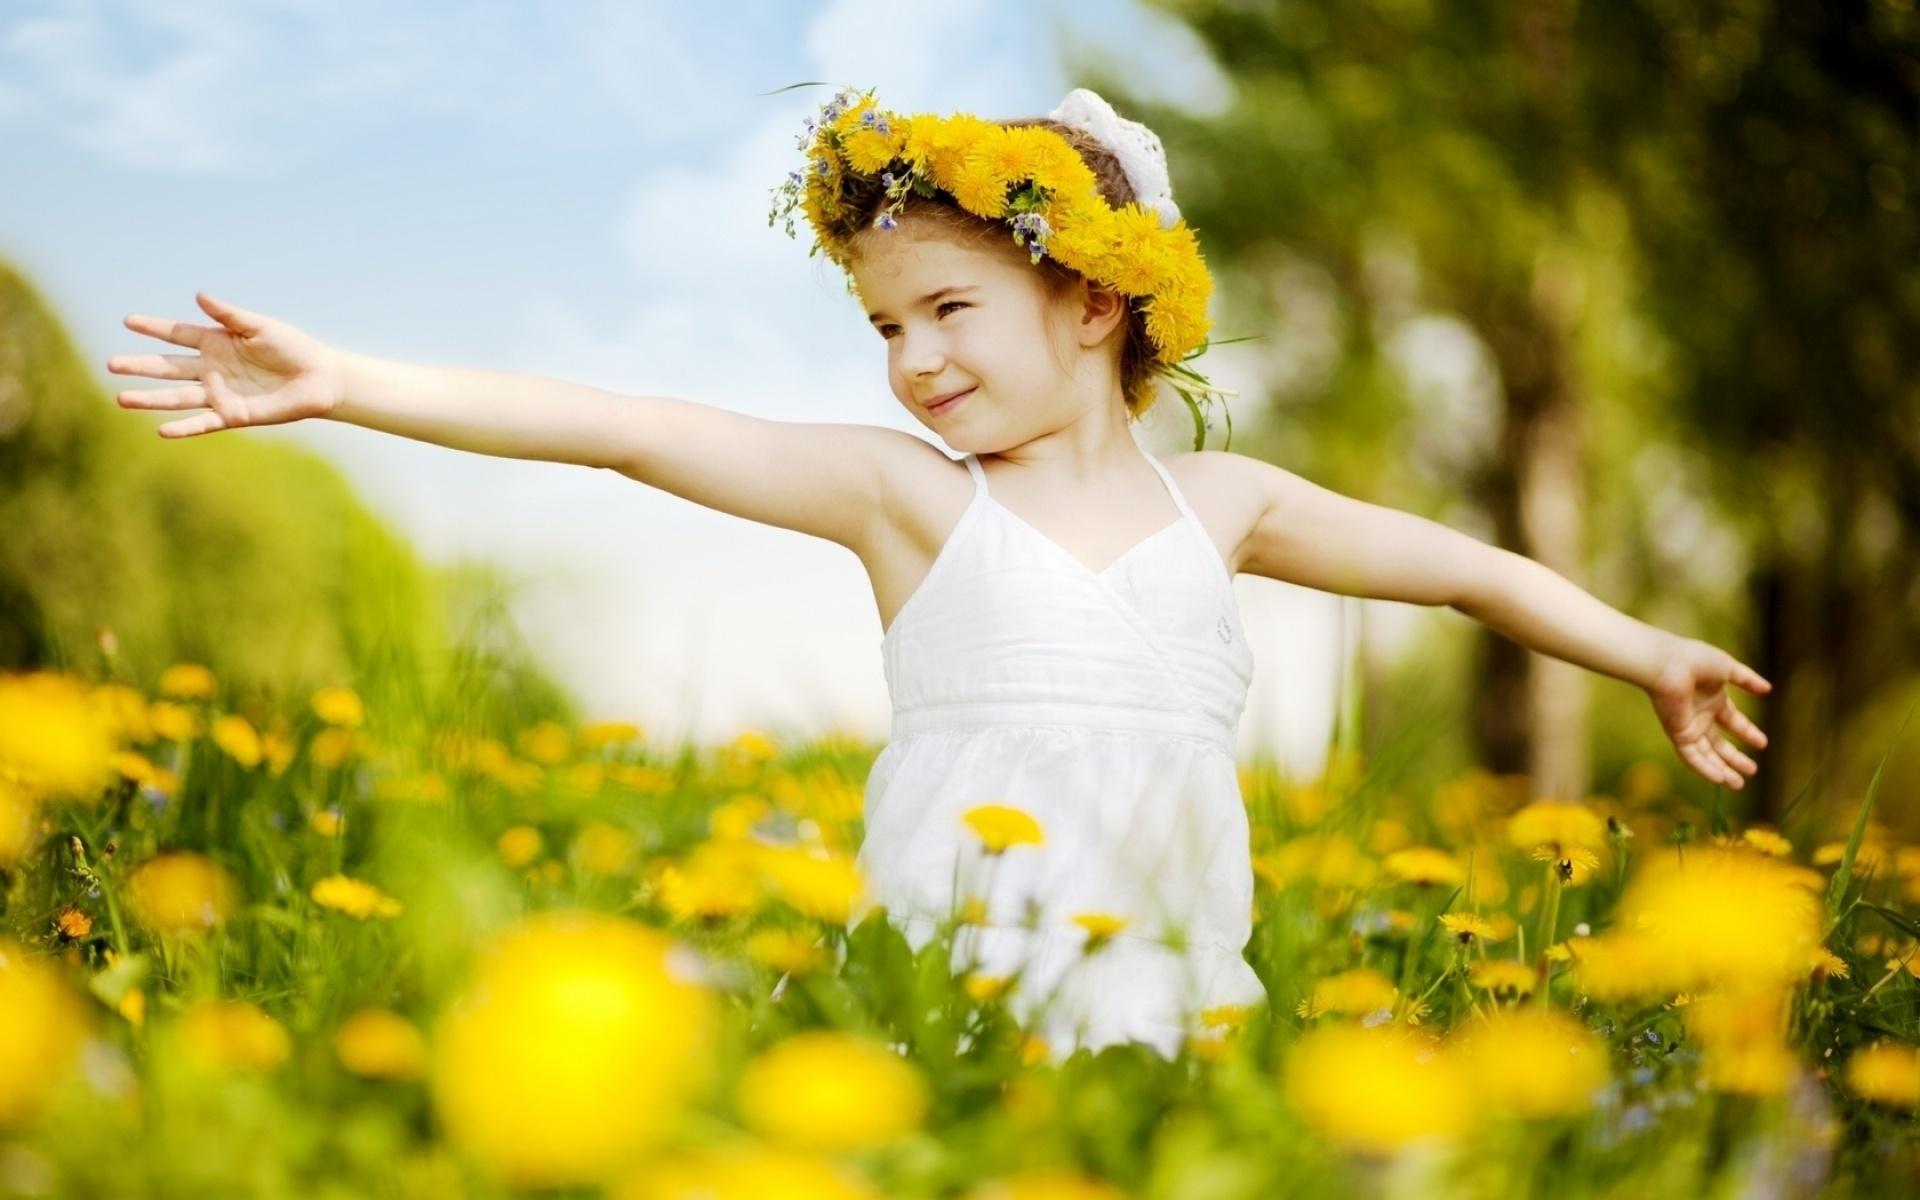 картинки солнце хорошее настроение те, кто при